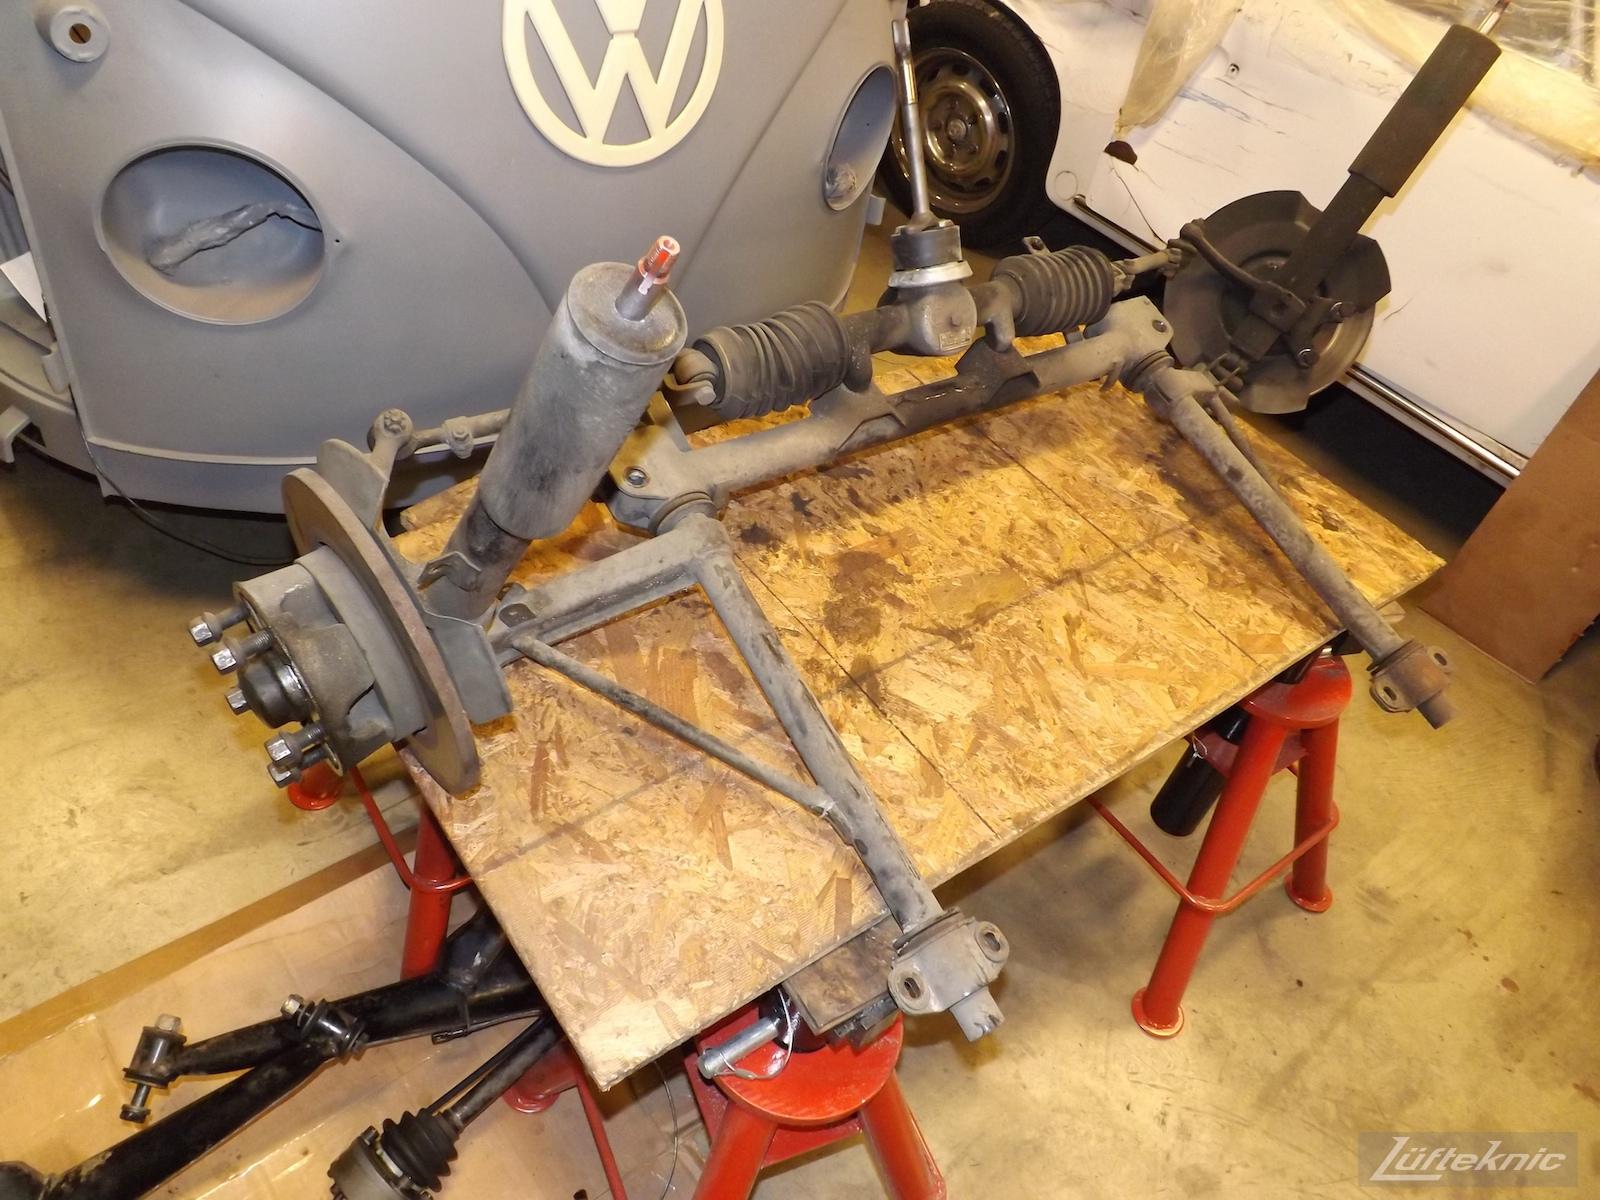 Front suspension pieces of an Irish Green Porsche 912 undergoing restoration at Lufteknic.